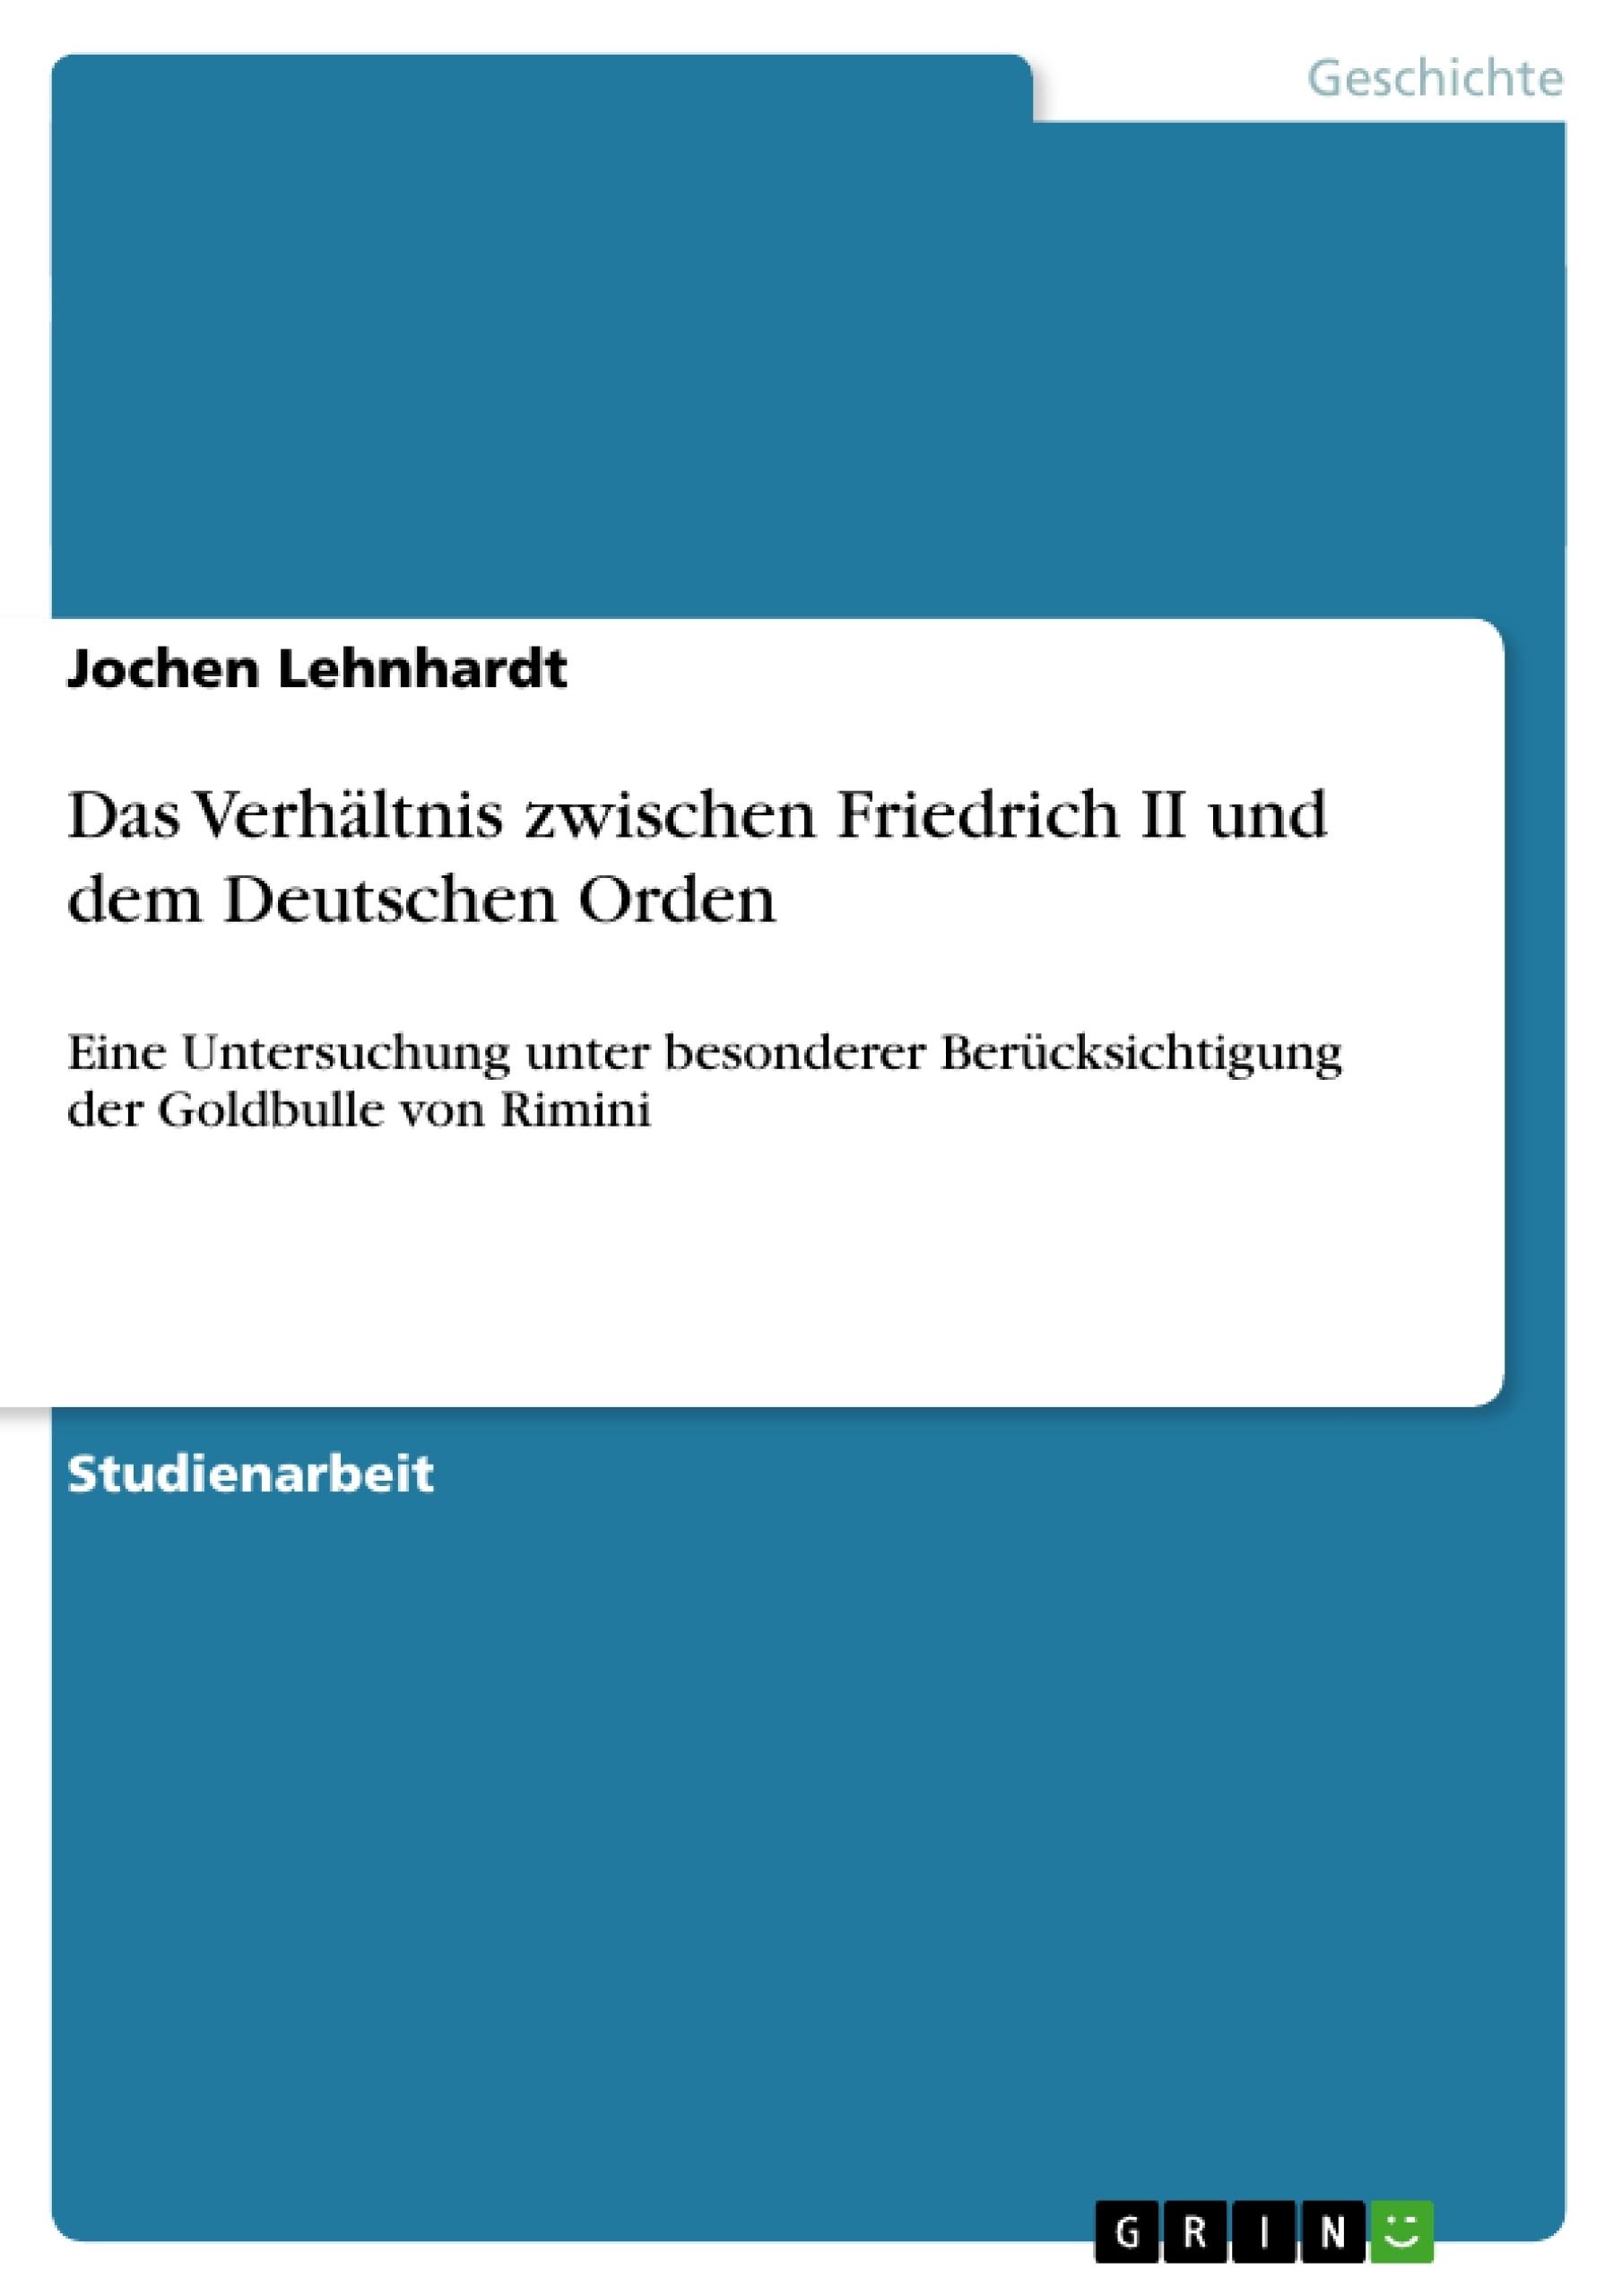 Titel: Das Verhältnis zwischen Friedrich II und dem Deutschen Orden